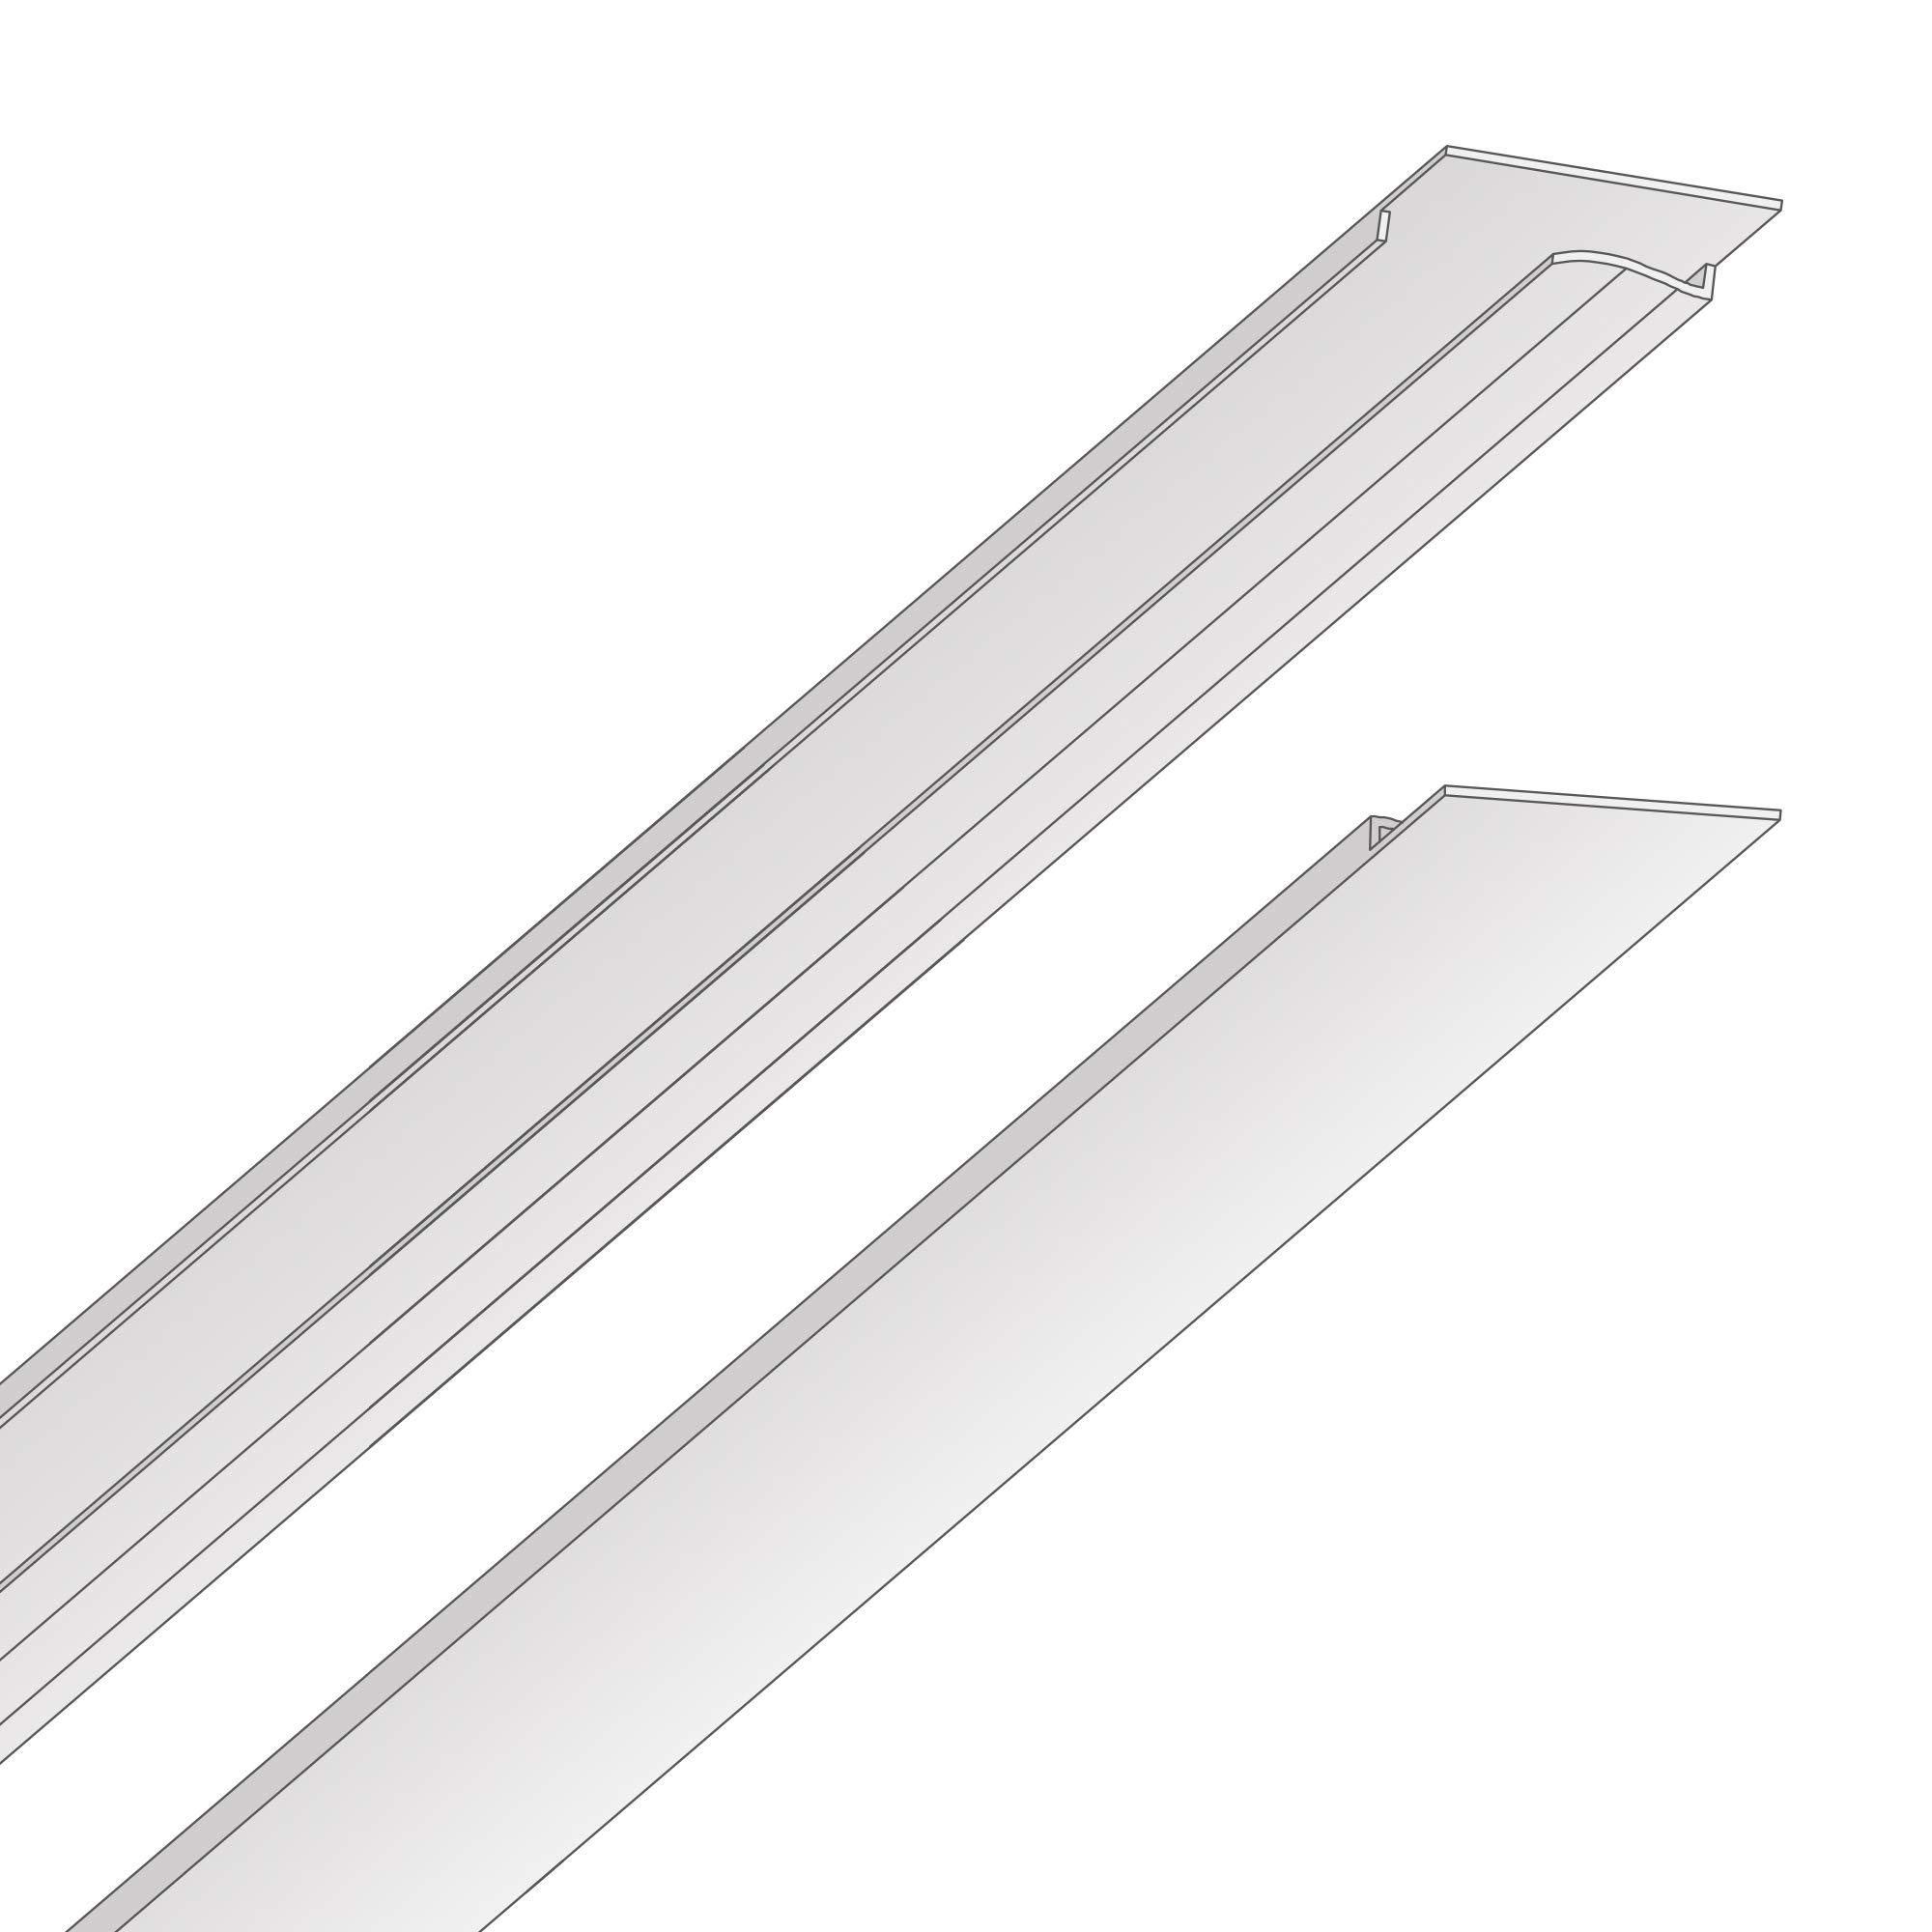 EZ-On T-bar Ceiling Grid Cover Kit - Snap On - White - 52 sq. ft.